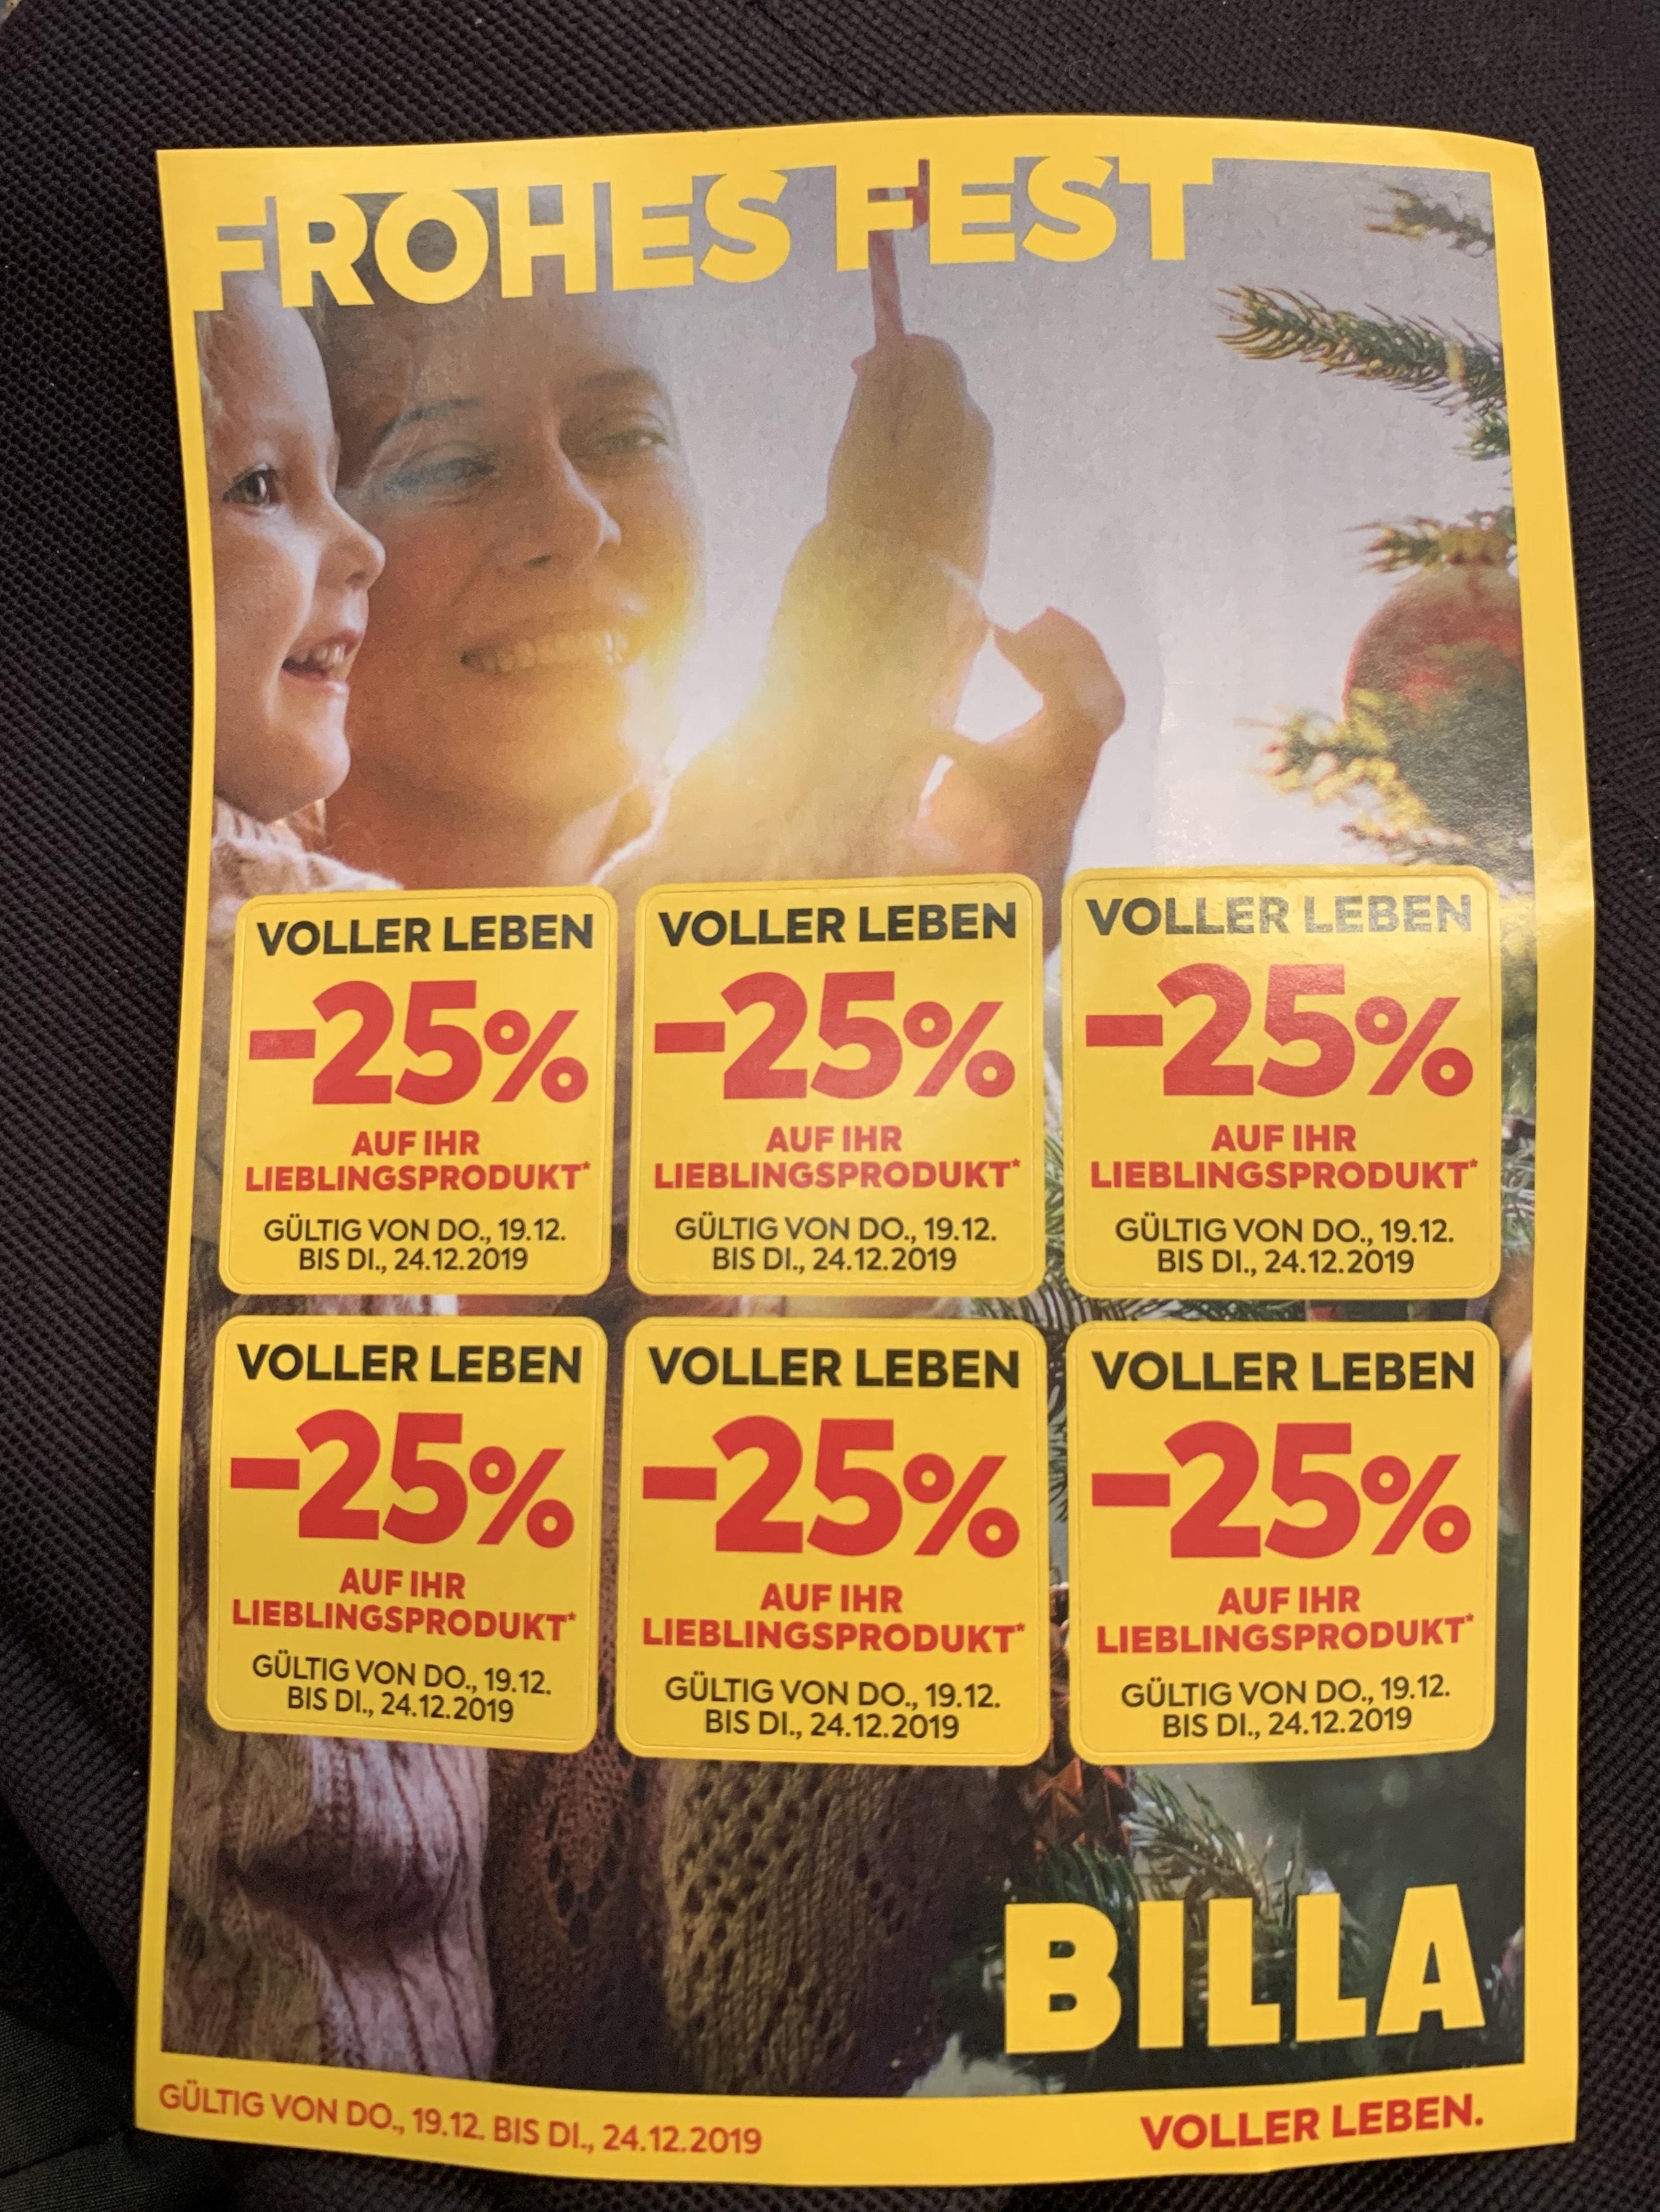 Wieder einmal -25% Billa-Pickerl (19.12-24.12)